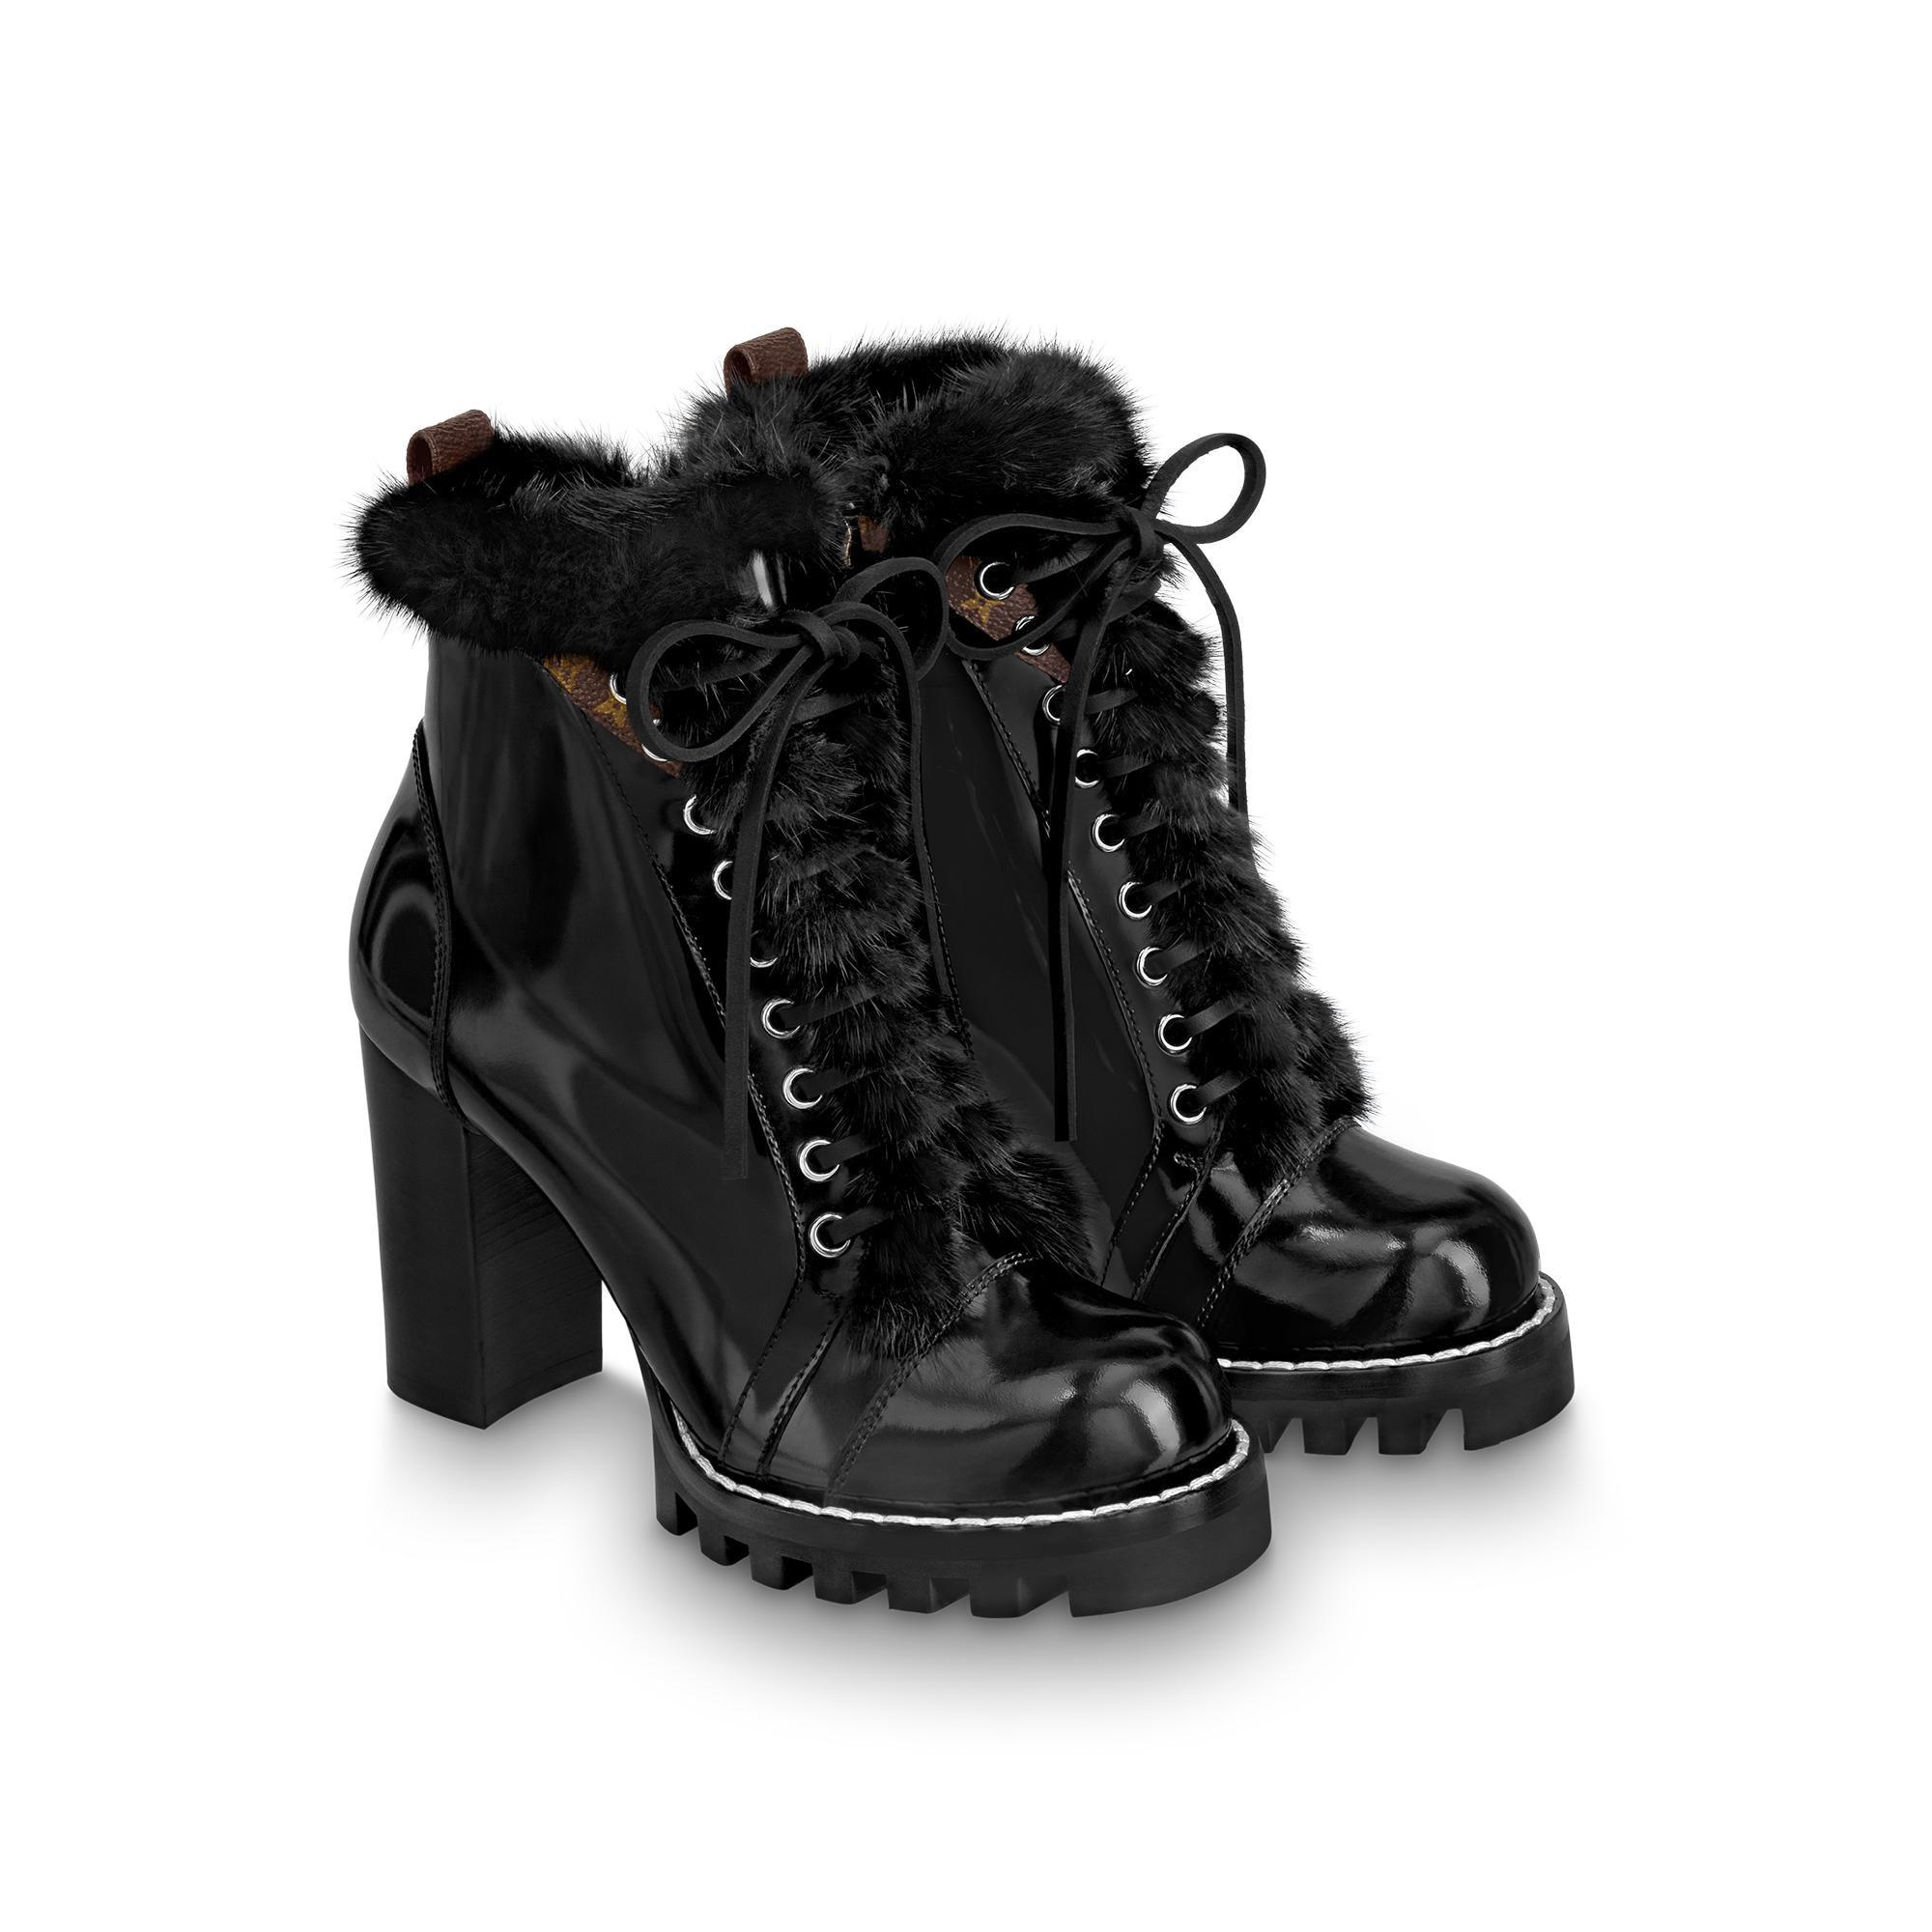 유럽직배송 루이비통 LOUIS VUITTON Star Trail Ankle Boots 1A5MWY